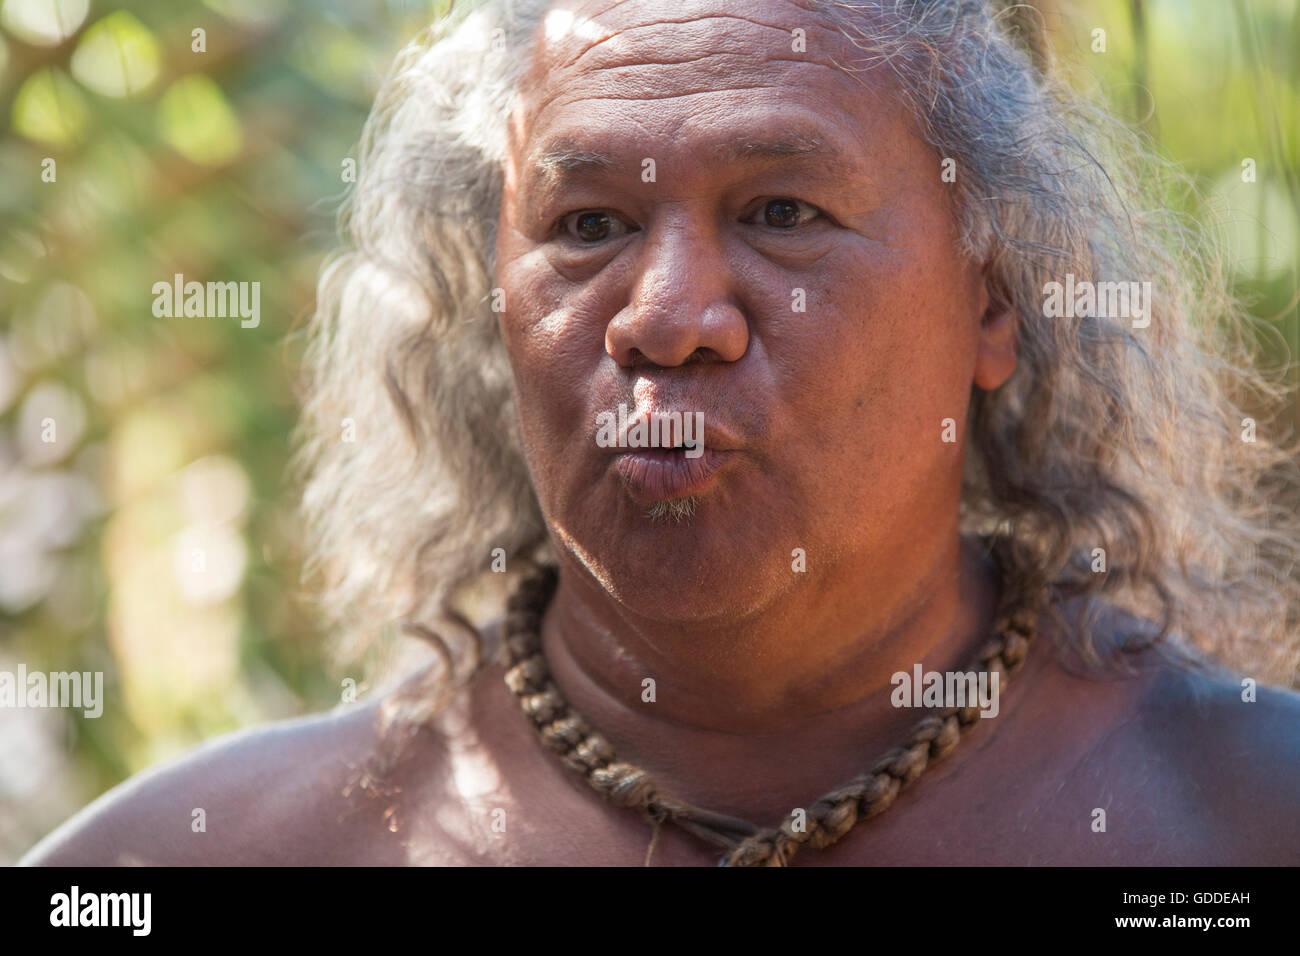 Molokai,local,Polinesios,ningún modelo de liberación,hombre,ESTADOS UNIDOS,Hawaii,Latina,retrato, Imagen De Stock